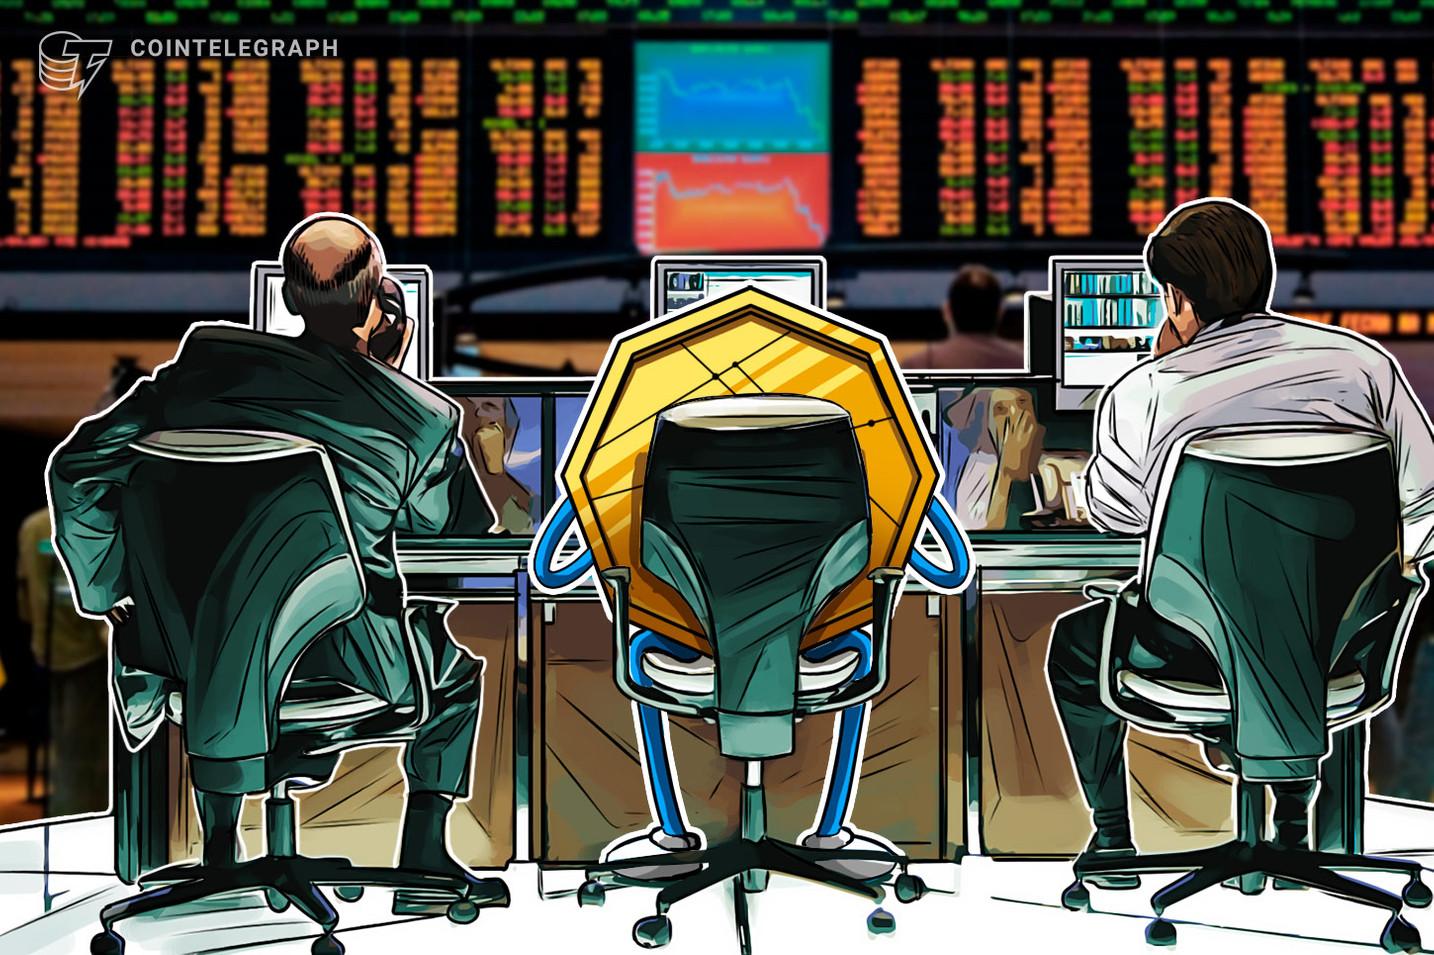 Segundo análise da Datalight, Bitcoin foi um investimento muito melhor que ações em 2019